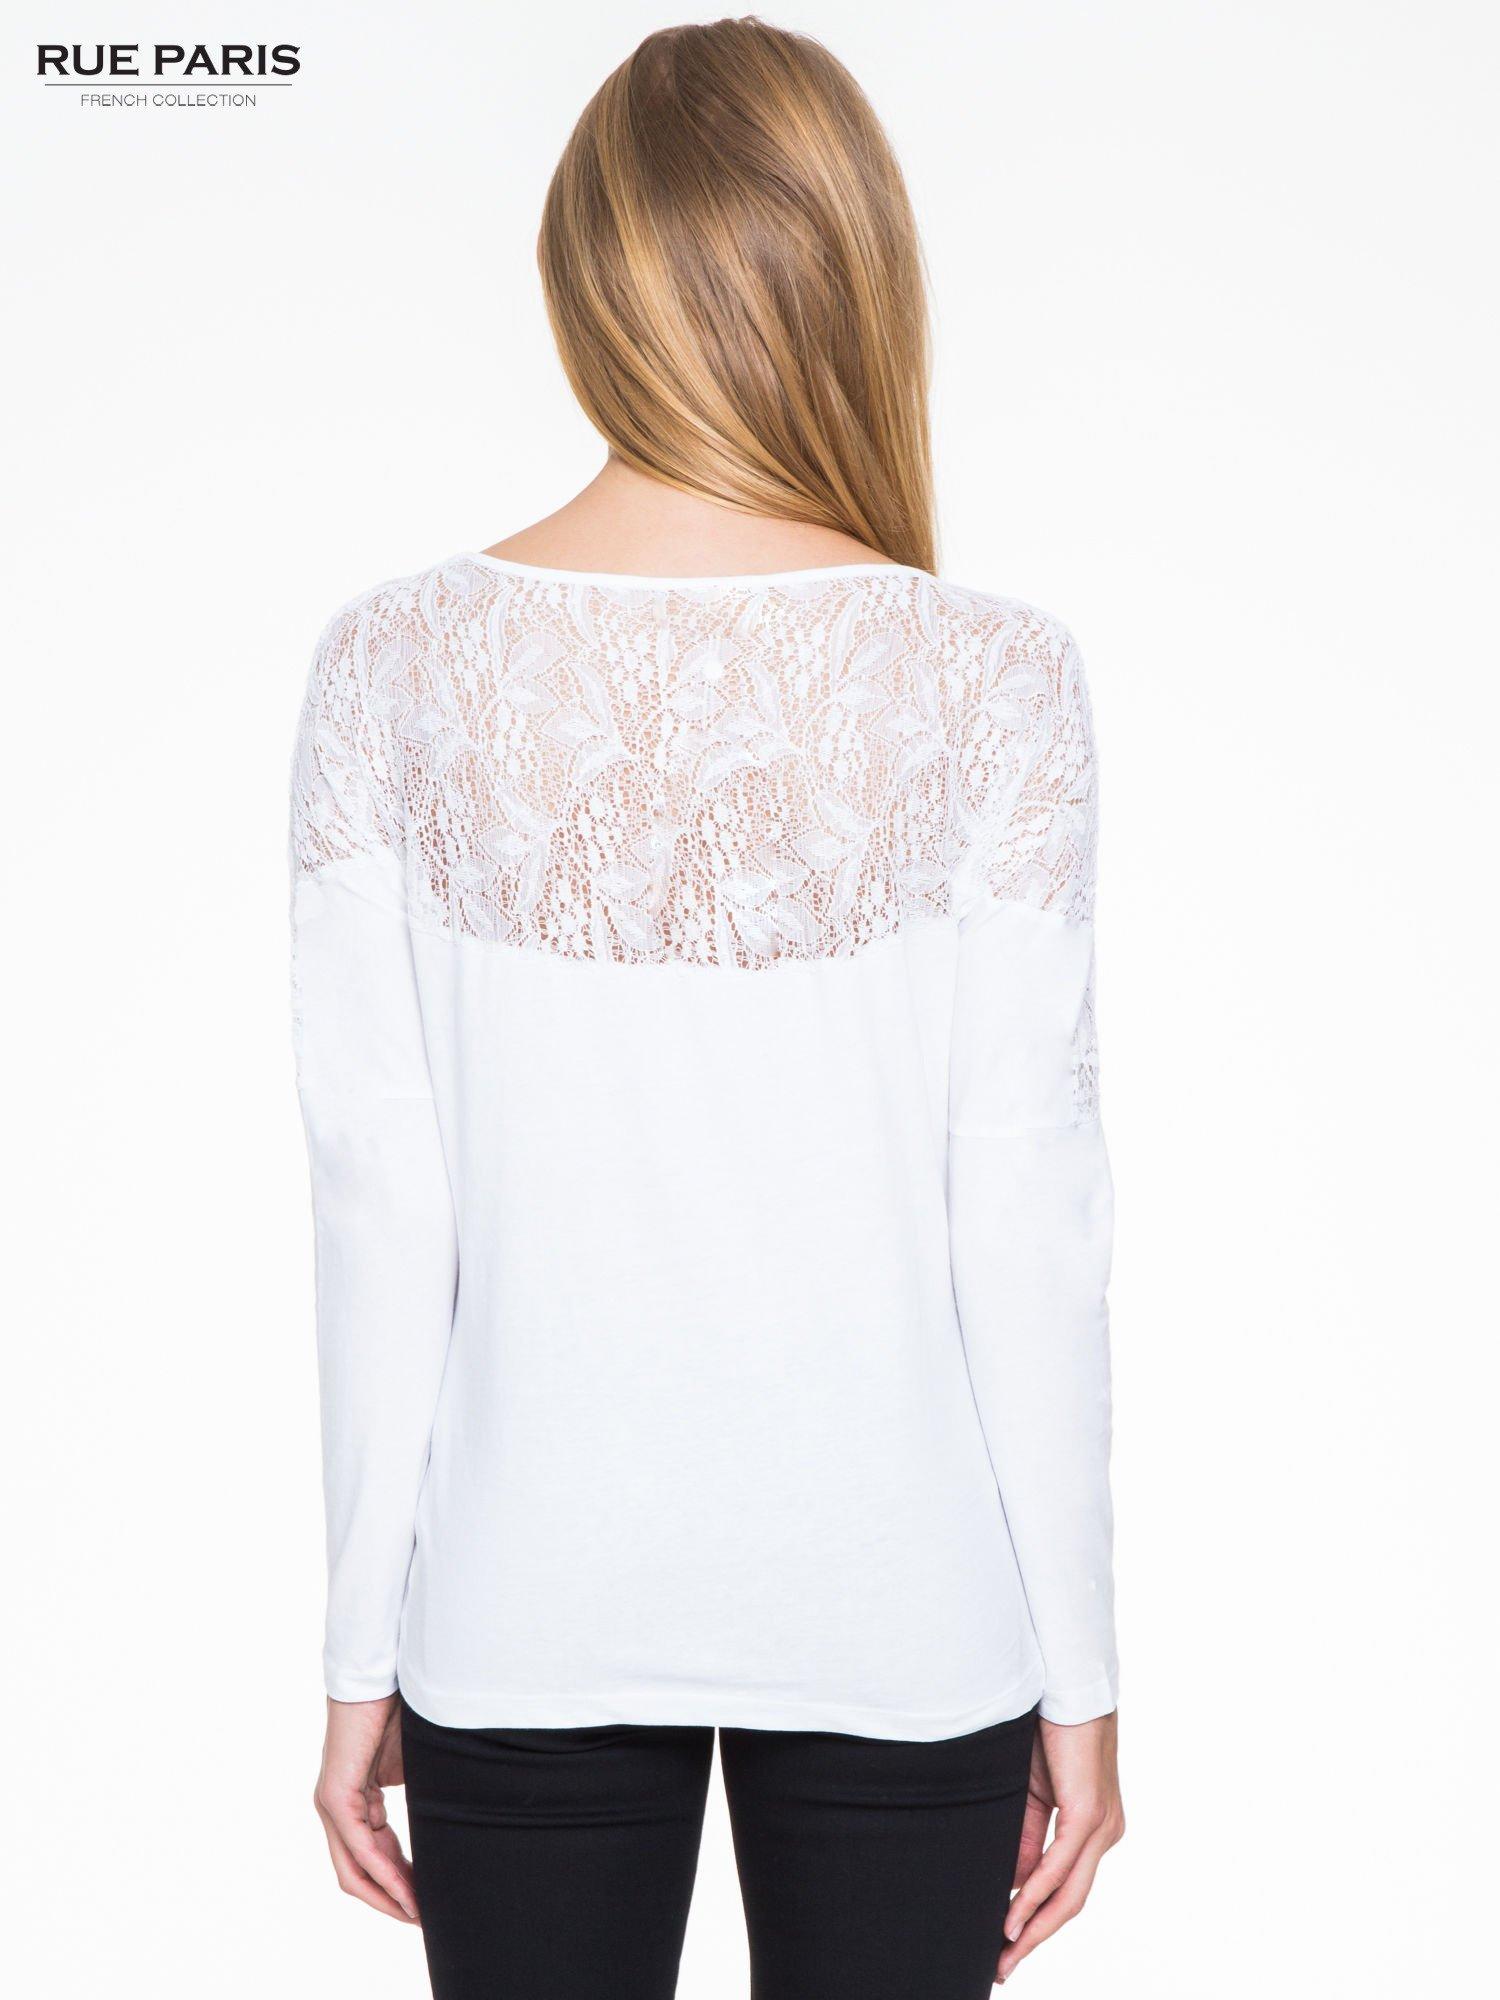 Biała bluzka z koronkową wstawką na rękawach i z tyłu                                  zdj.                                  4